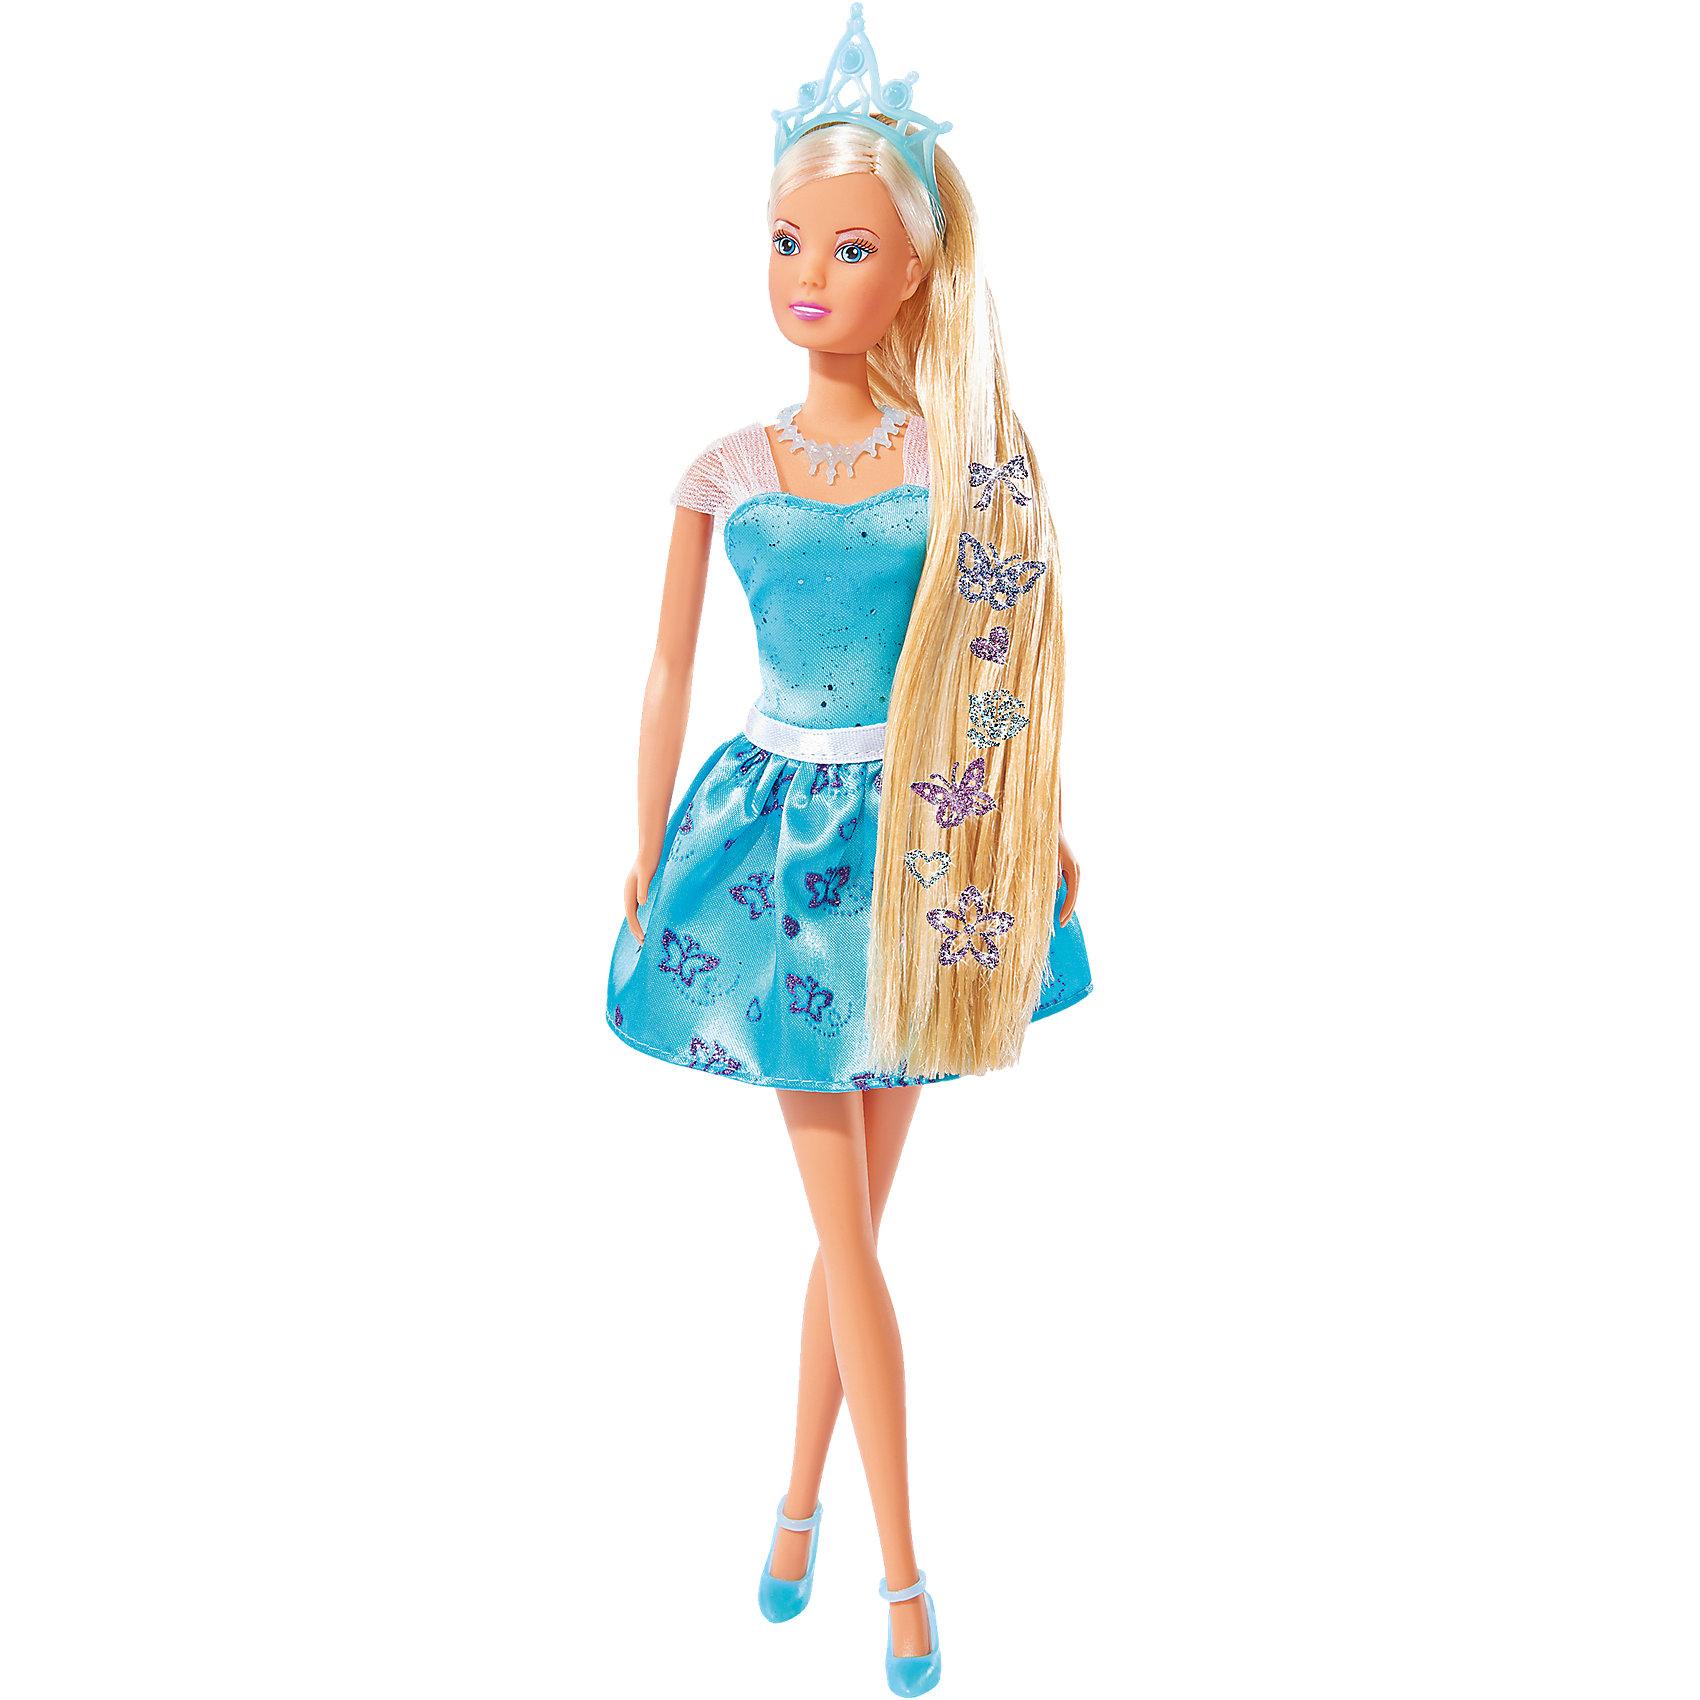 Кукла Штеффи с наклейками для волос, 29 см, SimbaКуклы-модели<br>Характеристики товара:<br><br>• возраст от 3 лет<br>• материал: пластик, текстиль<br>• высота куклы 29 см<br>• руки и ноги подвижны<br>• в комплекте: кукла, наклейки, расческа<br>• размер упаковки 33х10х5 см<br>• упаковка: картонная коробка блистерного типа<br>• страна бренда: Германия<br>• страна производитель: Китай<br><br>Кукла Штеффи Simba одета в нежное голубое платье и туфельки. Волосы украшены диадемой. У Штеффи длинные густые светлые волосы, которые девочка сможет расчесывать, заплетать и украшать. Девочке обязательно понравятся яркие блестящие наклейки для волос, которыми можно украсить волосы, создав для Штеффи неповторимый образ. <br><br>Сначала наклейки помещаются в воду, а затем приклеиваются на волосы куклы. Ручки и ножки куклы подвижны. Игрушка изготовлена из качественного пластика.<br><br>Куклу Штеффи с наклейками для волос Simba можно приобрести в нашем интернет-магазине.<br><br>Ширина мм: 334<br>Глубина мм: 167<br>Высота мм: 55<br>Вес г: 215<br>Возраст от месяцев: 36<br>Возраст до месяцев: 72<br>Пол: Женский<br>Возраст: Детский<br>SKU: 4662652